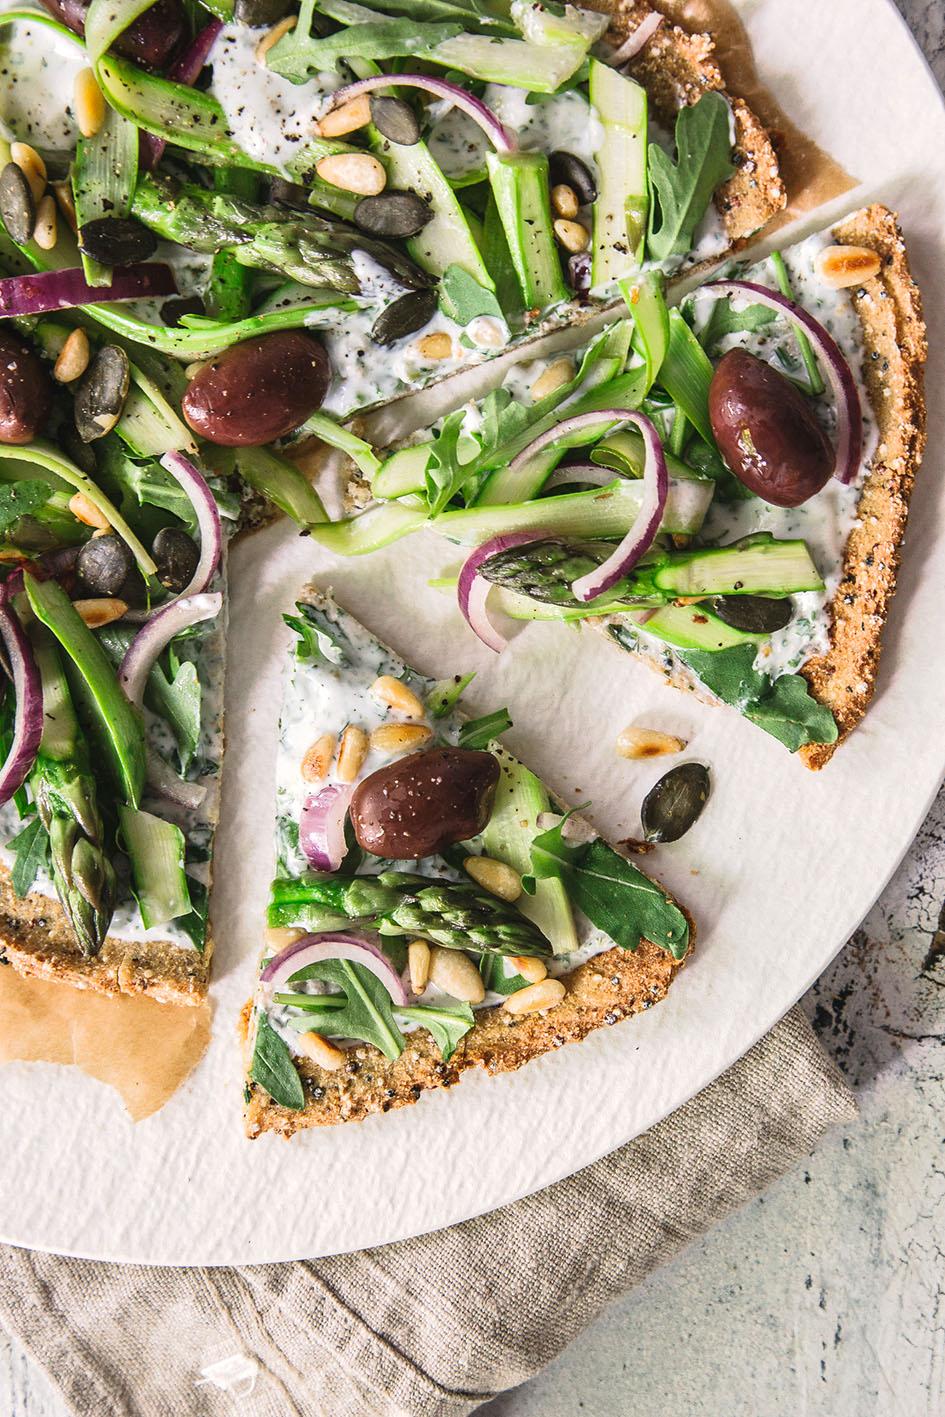 Pizzateig aus Quinoa, belegt mit grünem Spargel